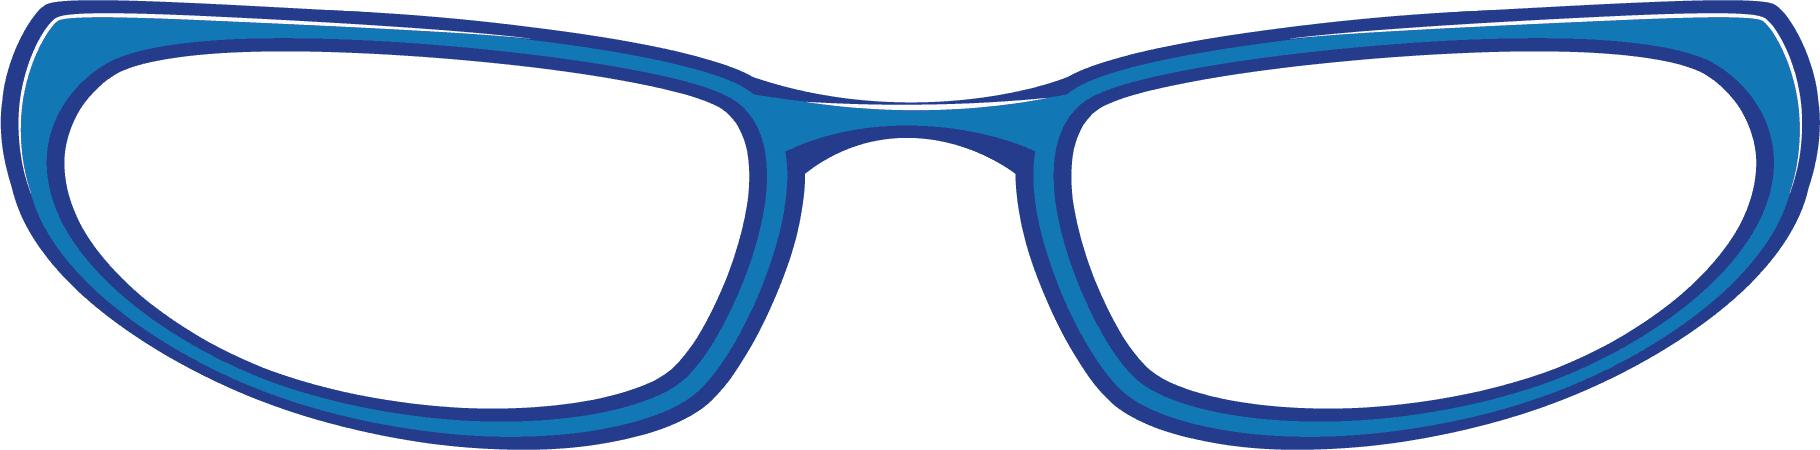 Sun glasses clipart graphic black and white stock Sunglasses Clipart | Clipart Panda - Free Clipart Images graphic black and white stock